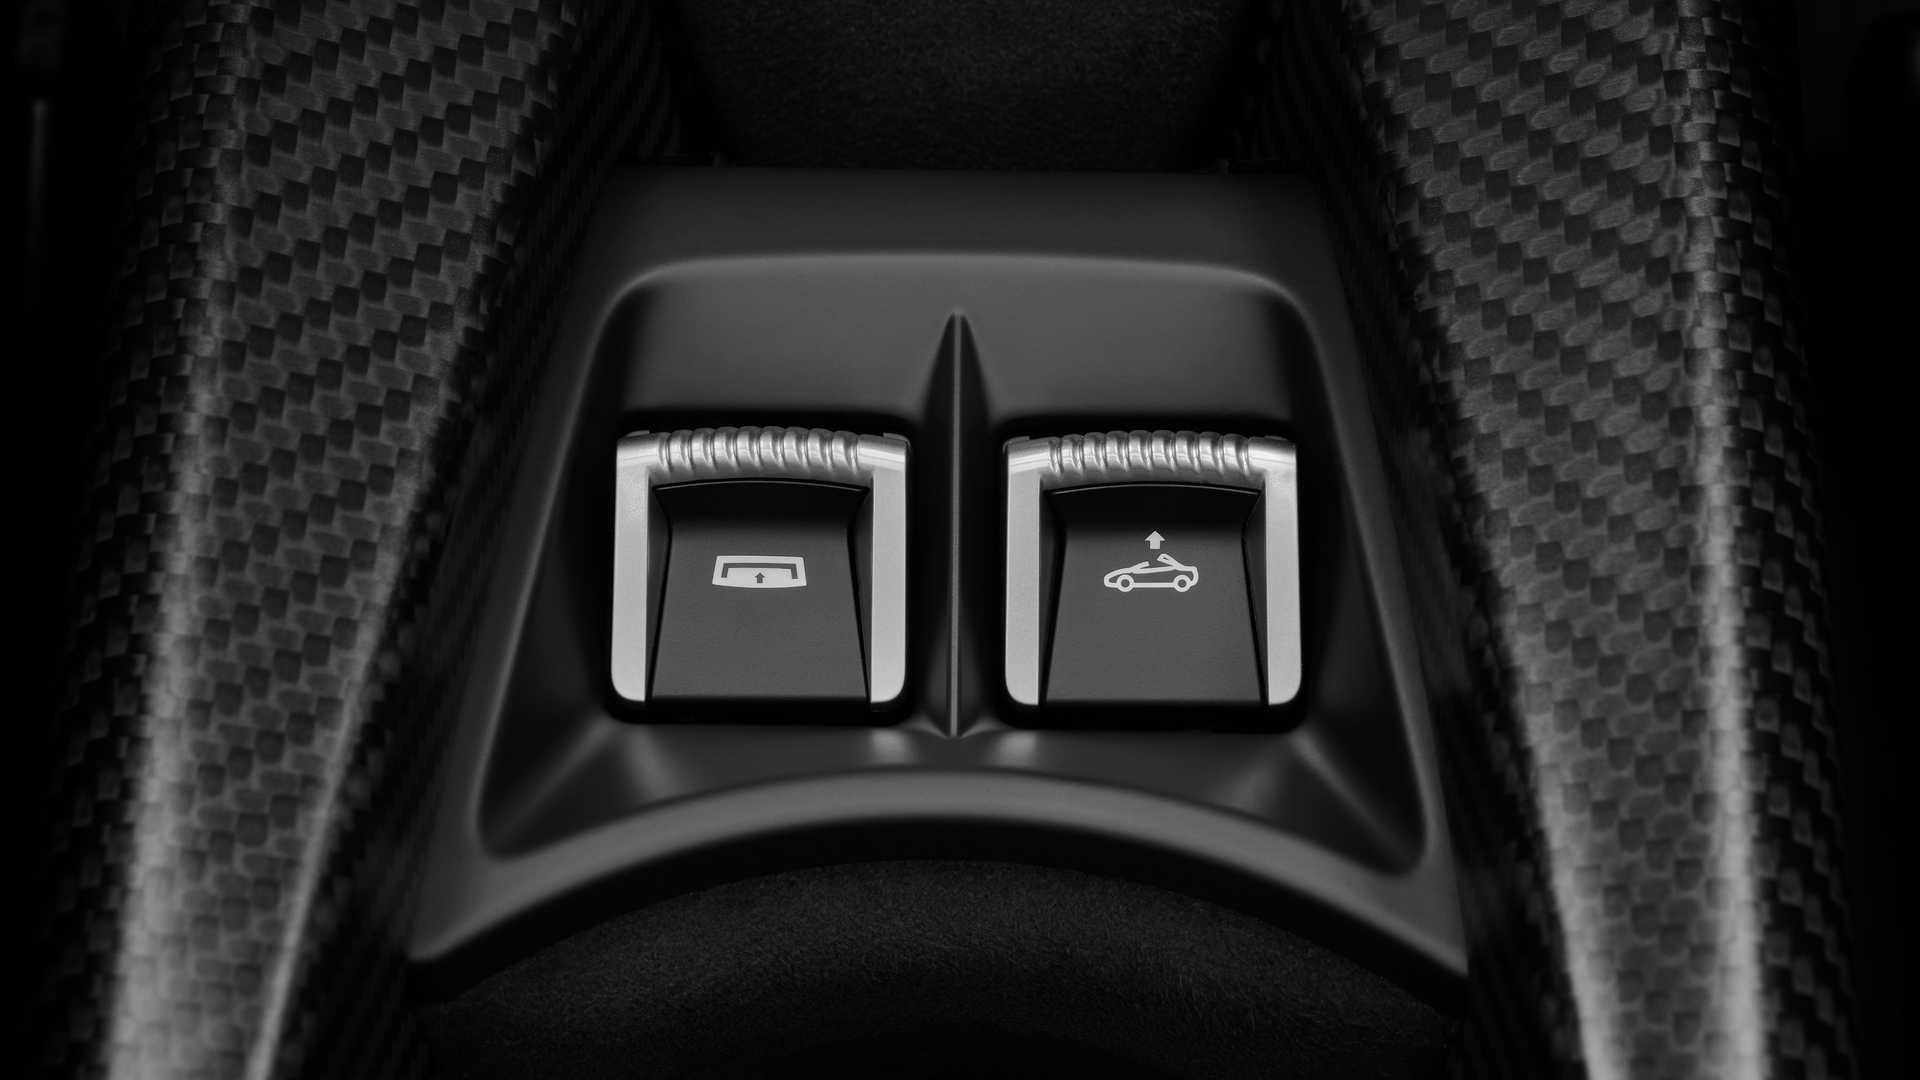 2021 McLaren 765LT Spider (buttons)